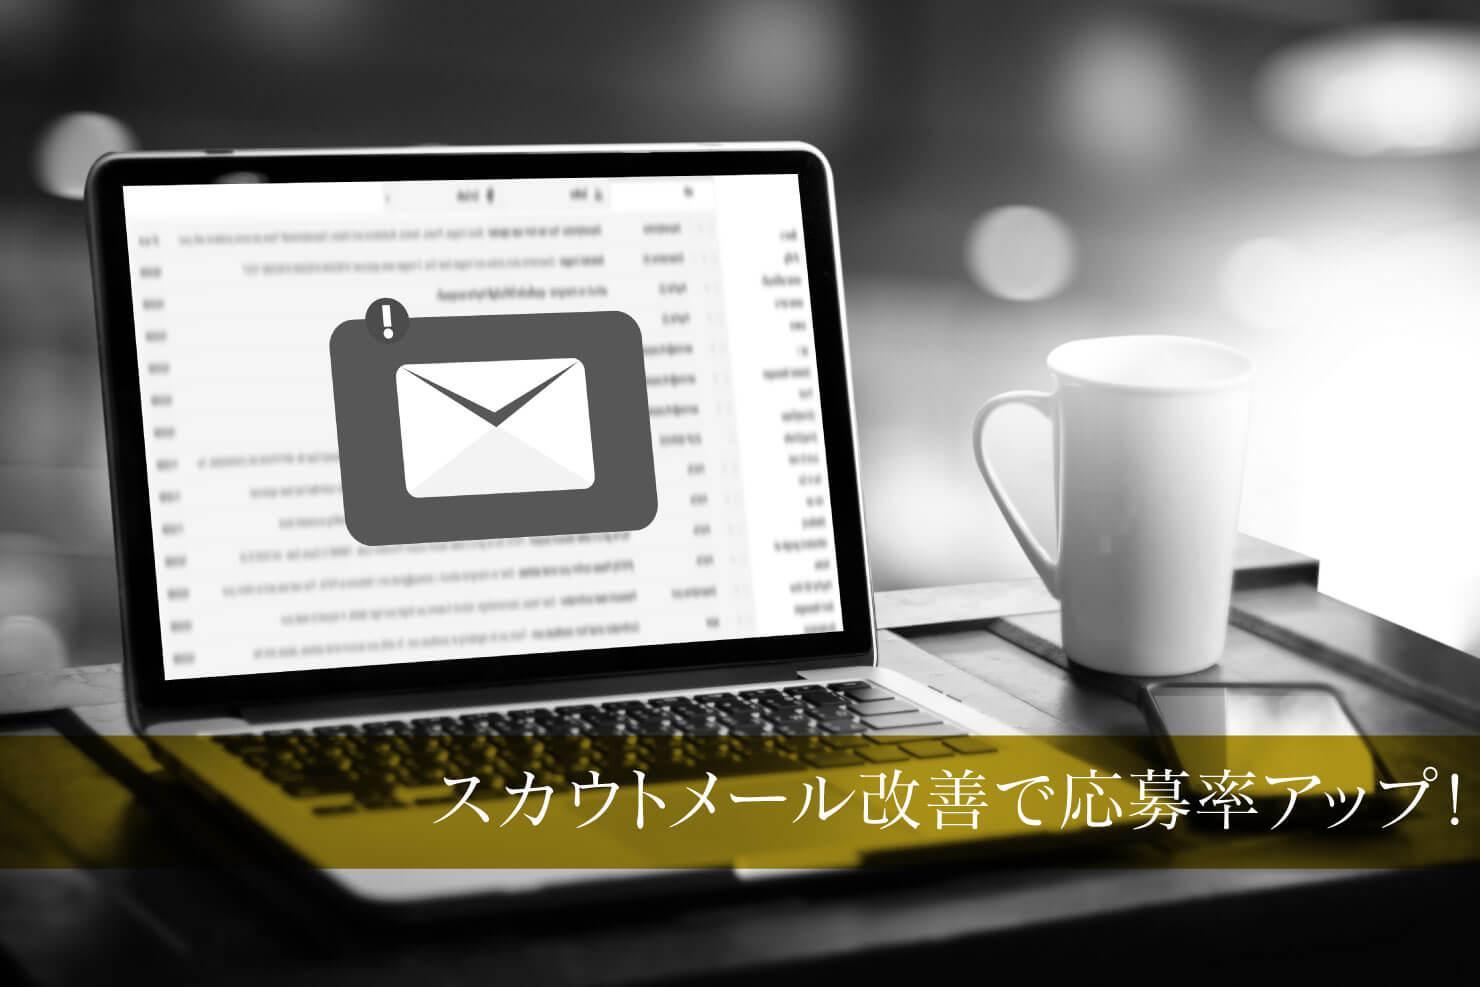 スカウトメールからの応募率を上げる方法【例文あり】 | JOBSHIL BIZ(ジョブシルビズ)